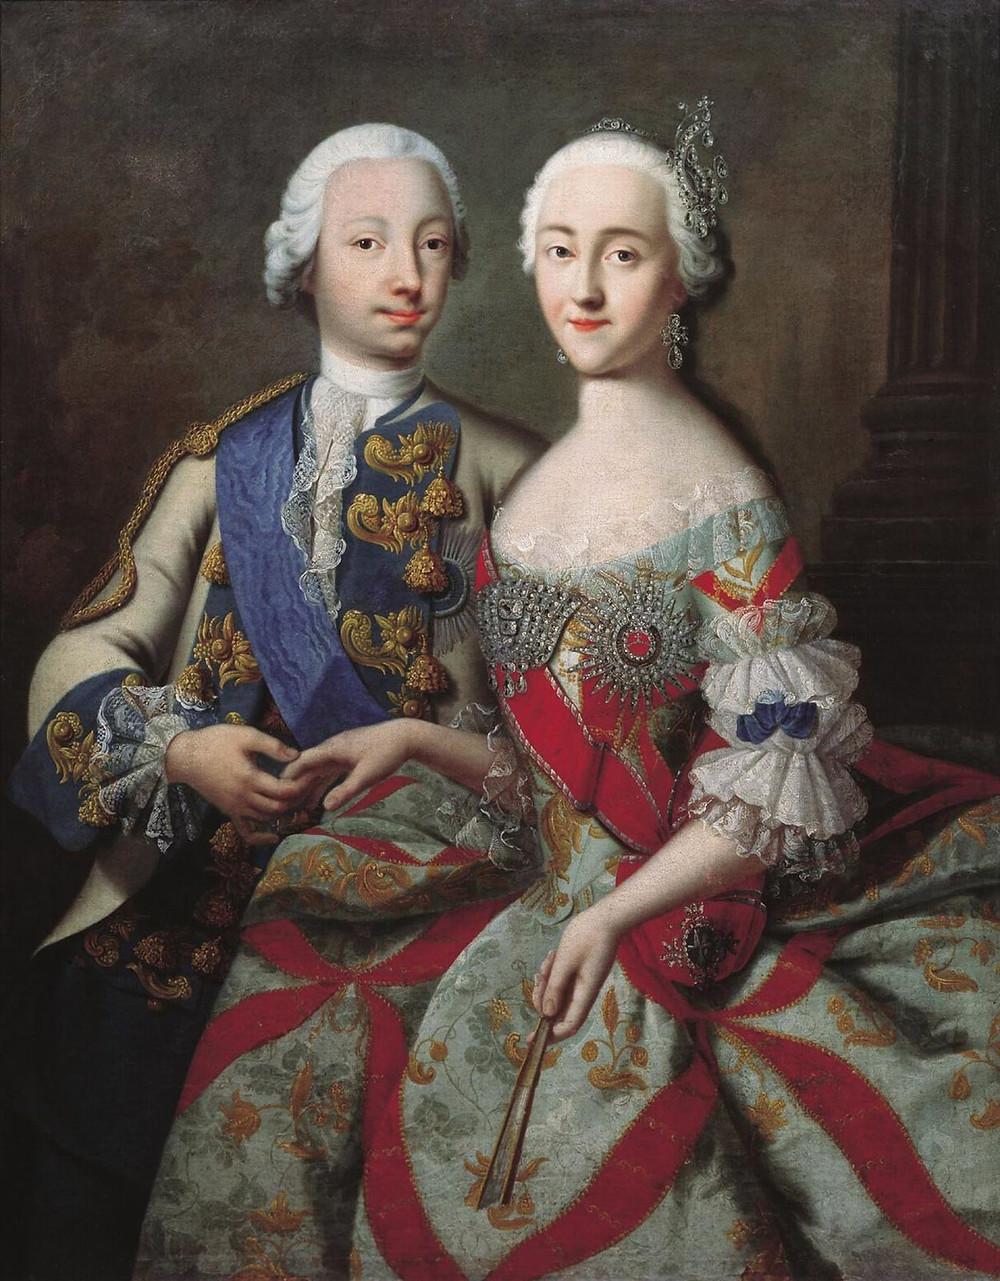 Pedro III (Fiódorovich) y Catalina la Grande. Cuadro de Georg Cristoph Grooth en el Odessa Art Museum